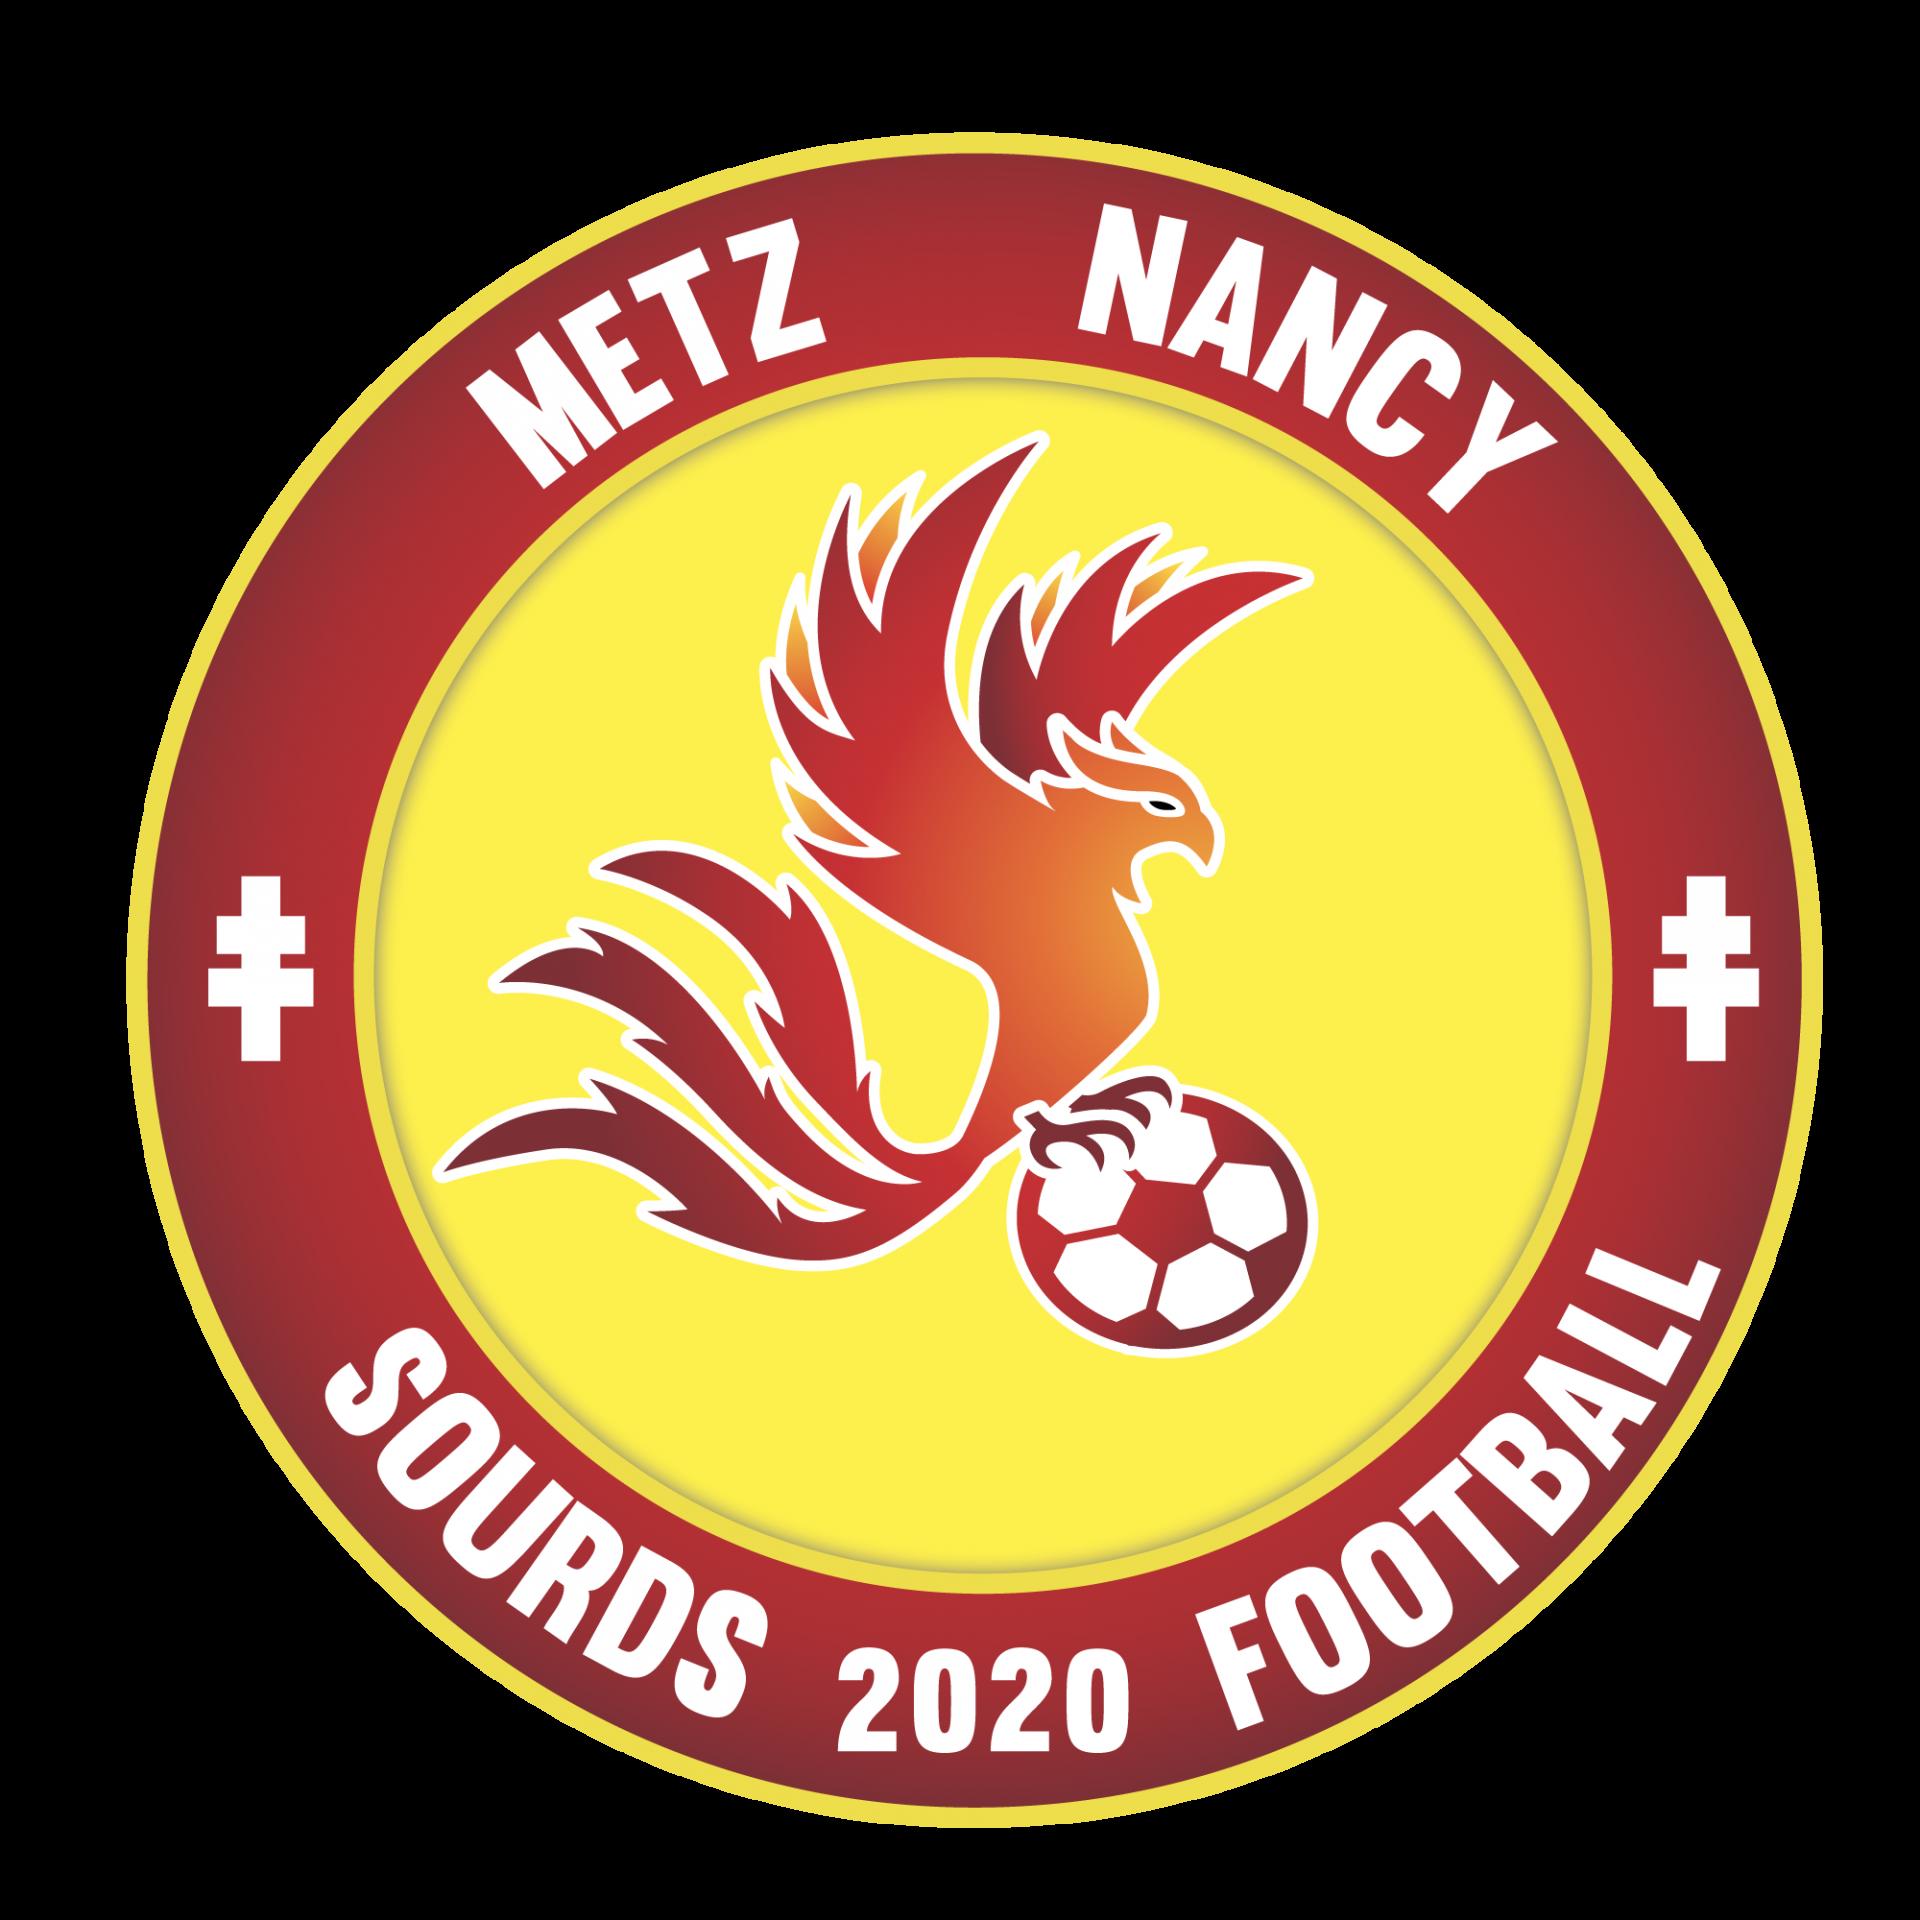 Logo metz nancy